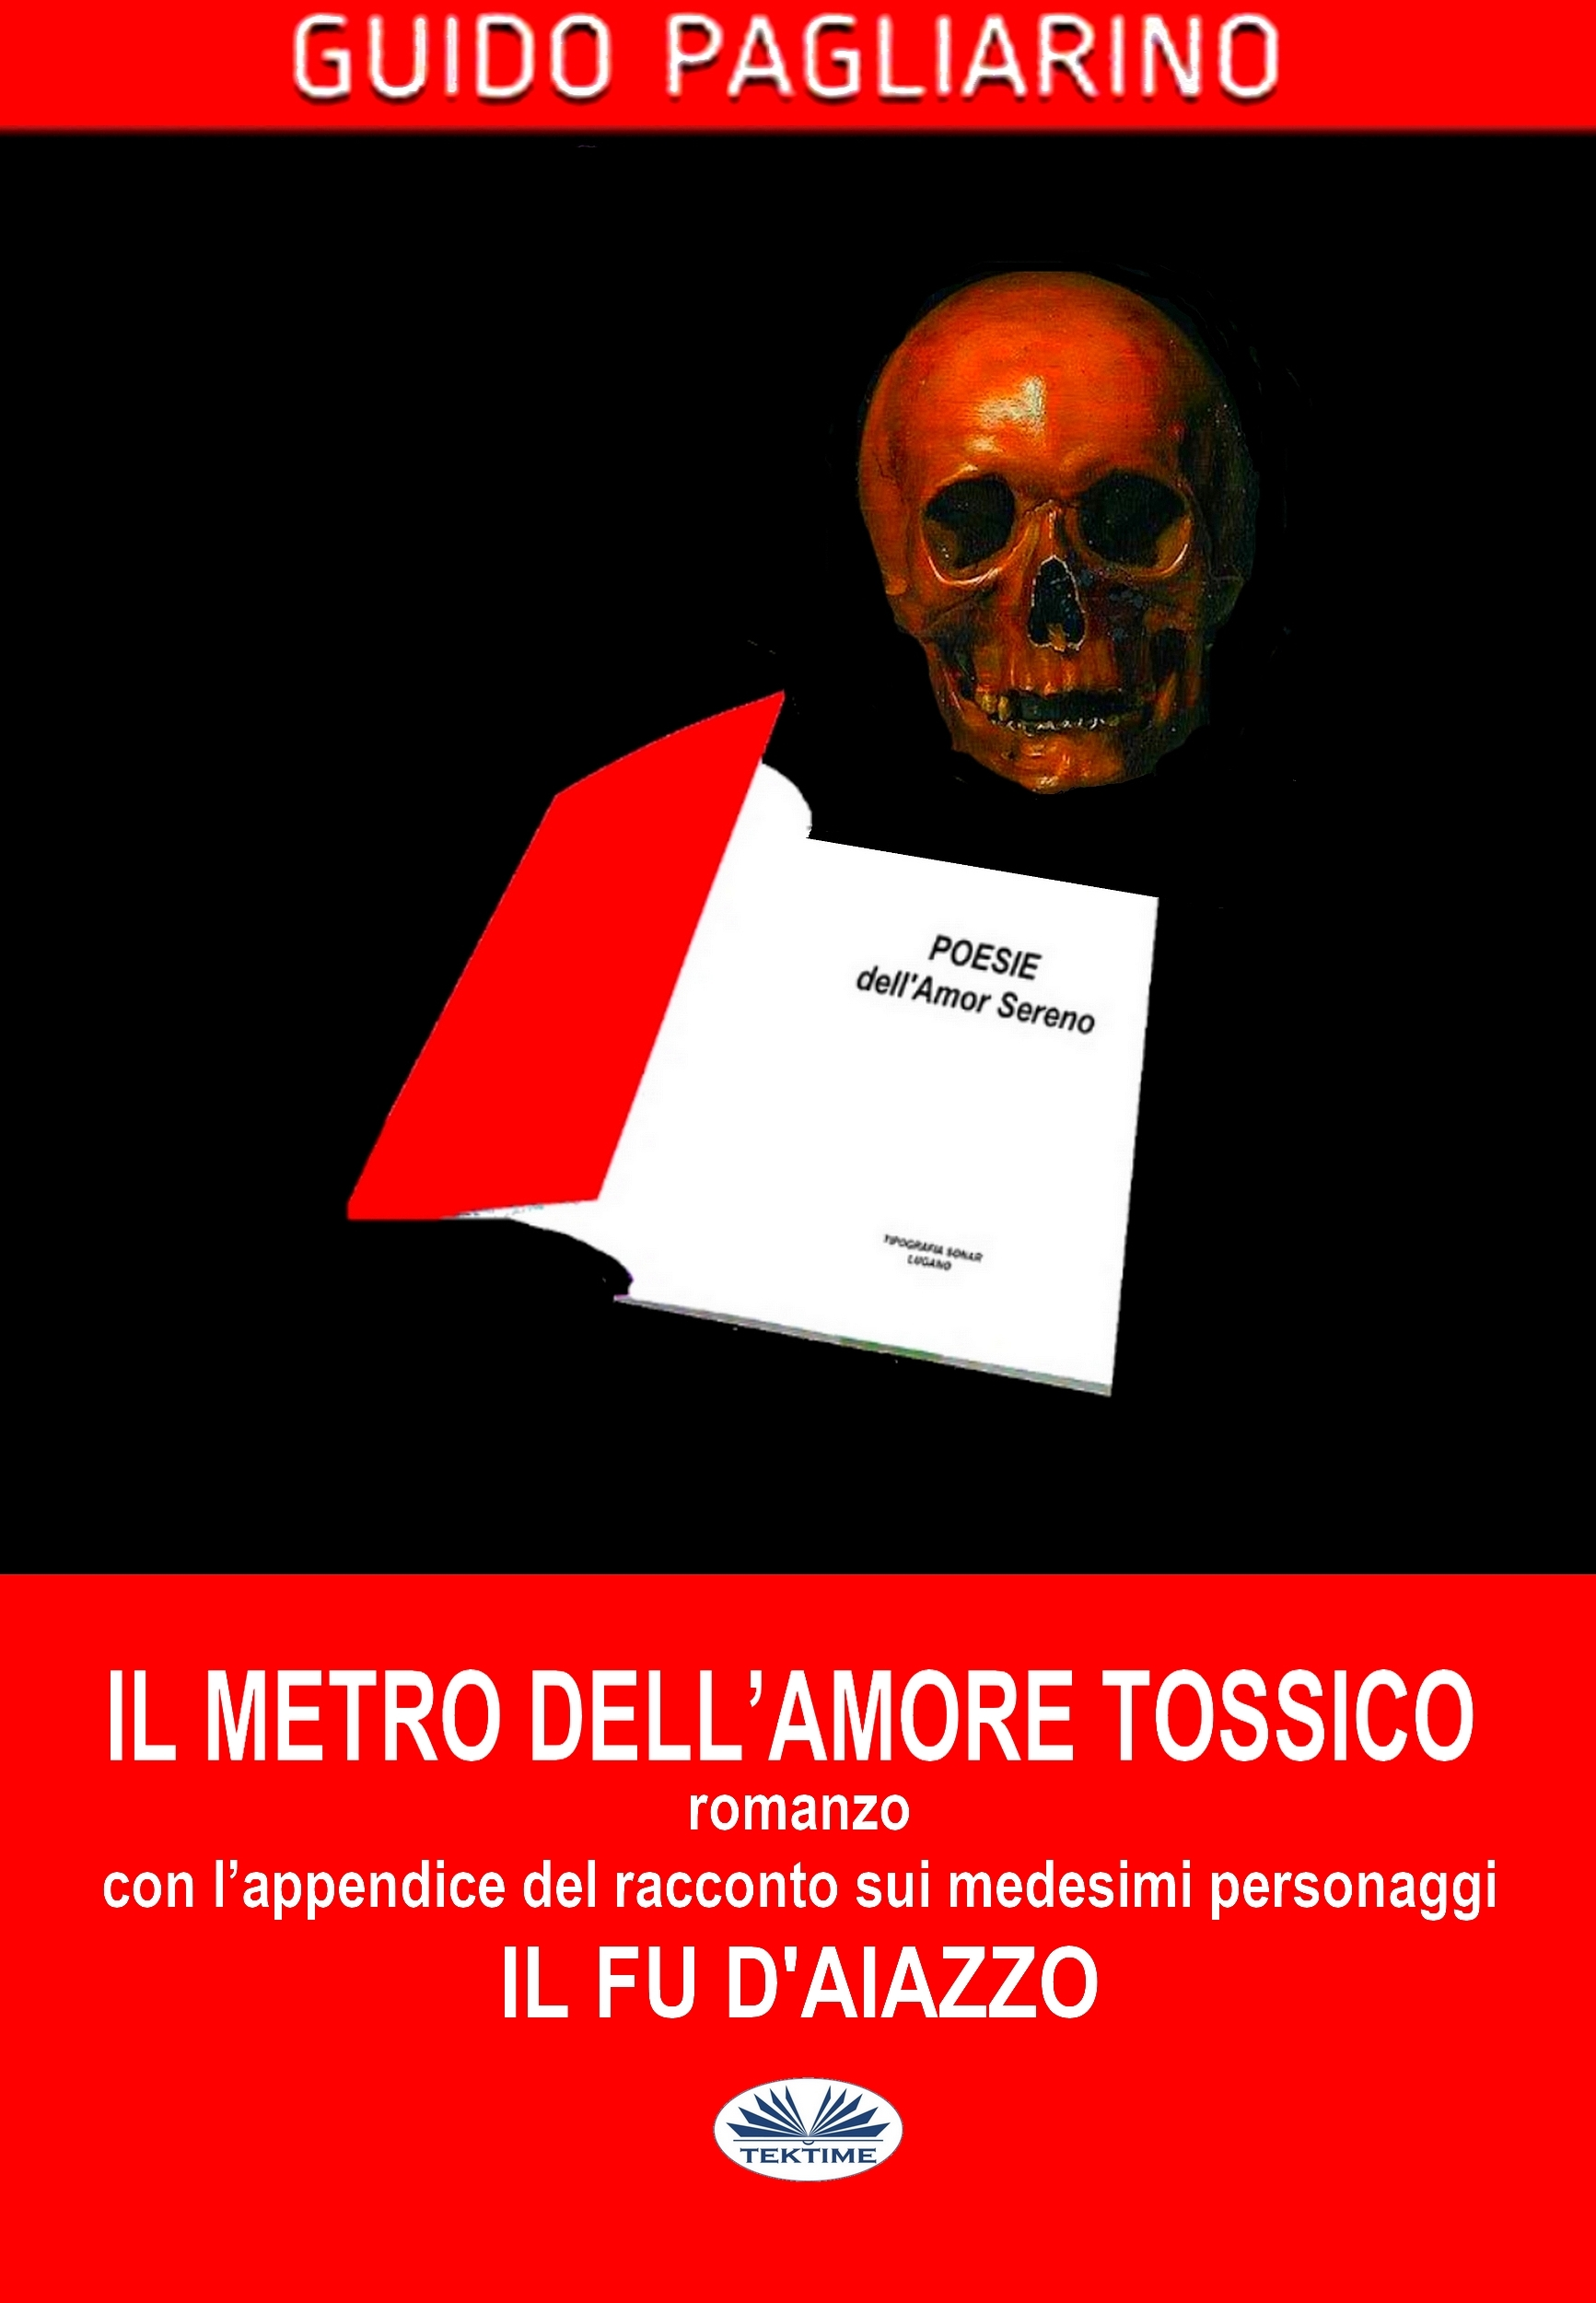 Il Metro Dell'Amore Tossico– Romanzo